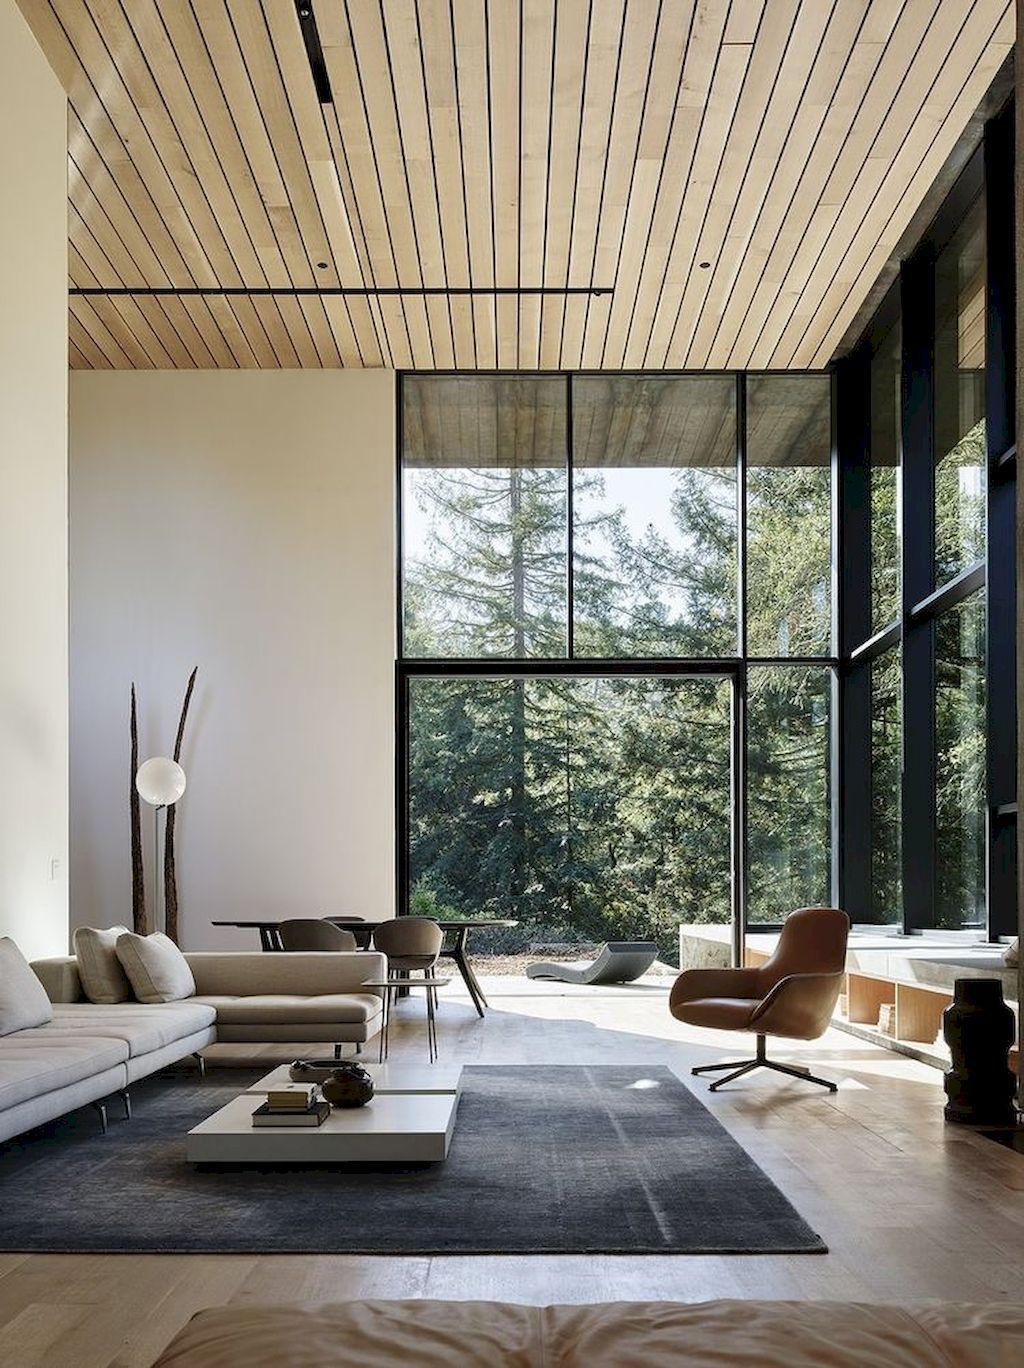 Scegli la grande qualità del made in italy. 80 Luxury Interior Design Ideas That Will Take Your House To Another Level 80 Contemporary Home Decor Luxury Interior Design Interior Architecture